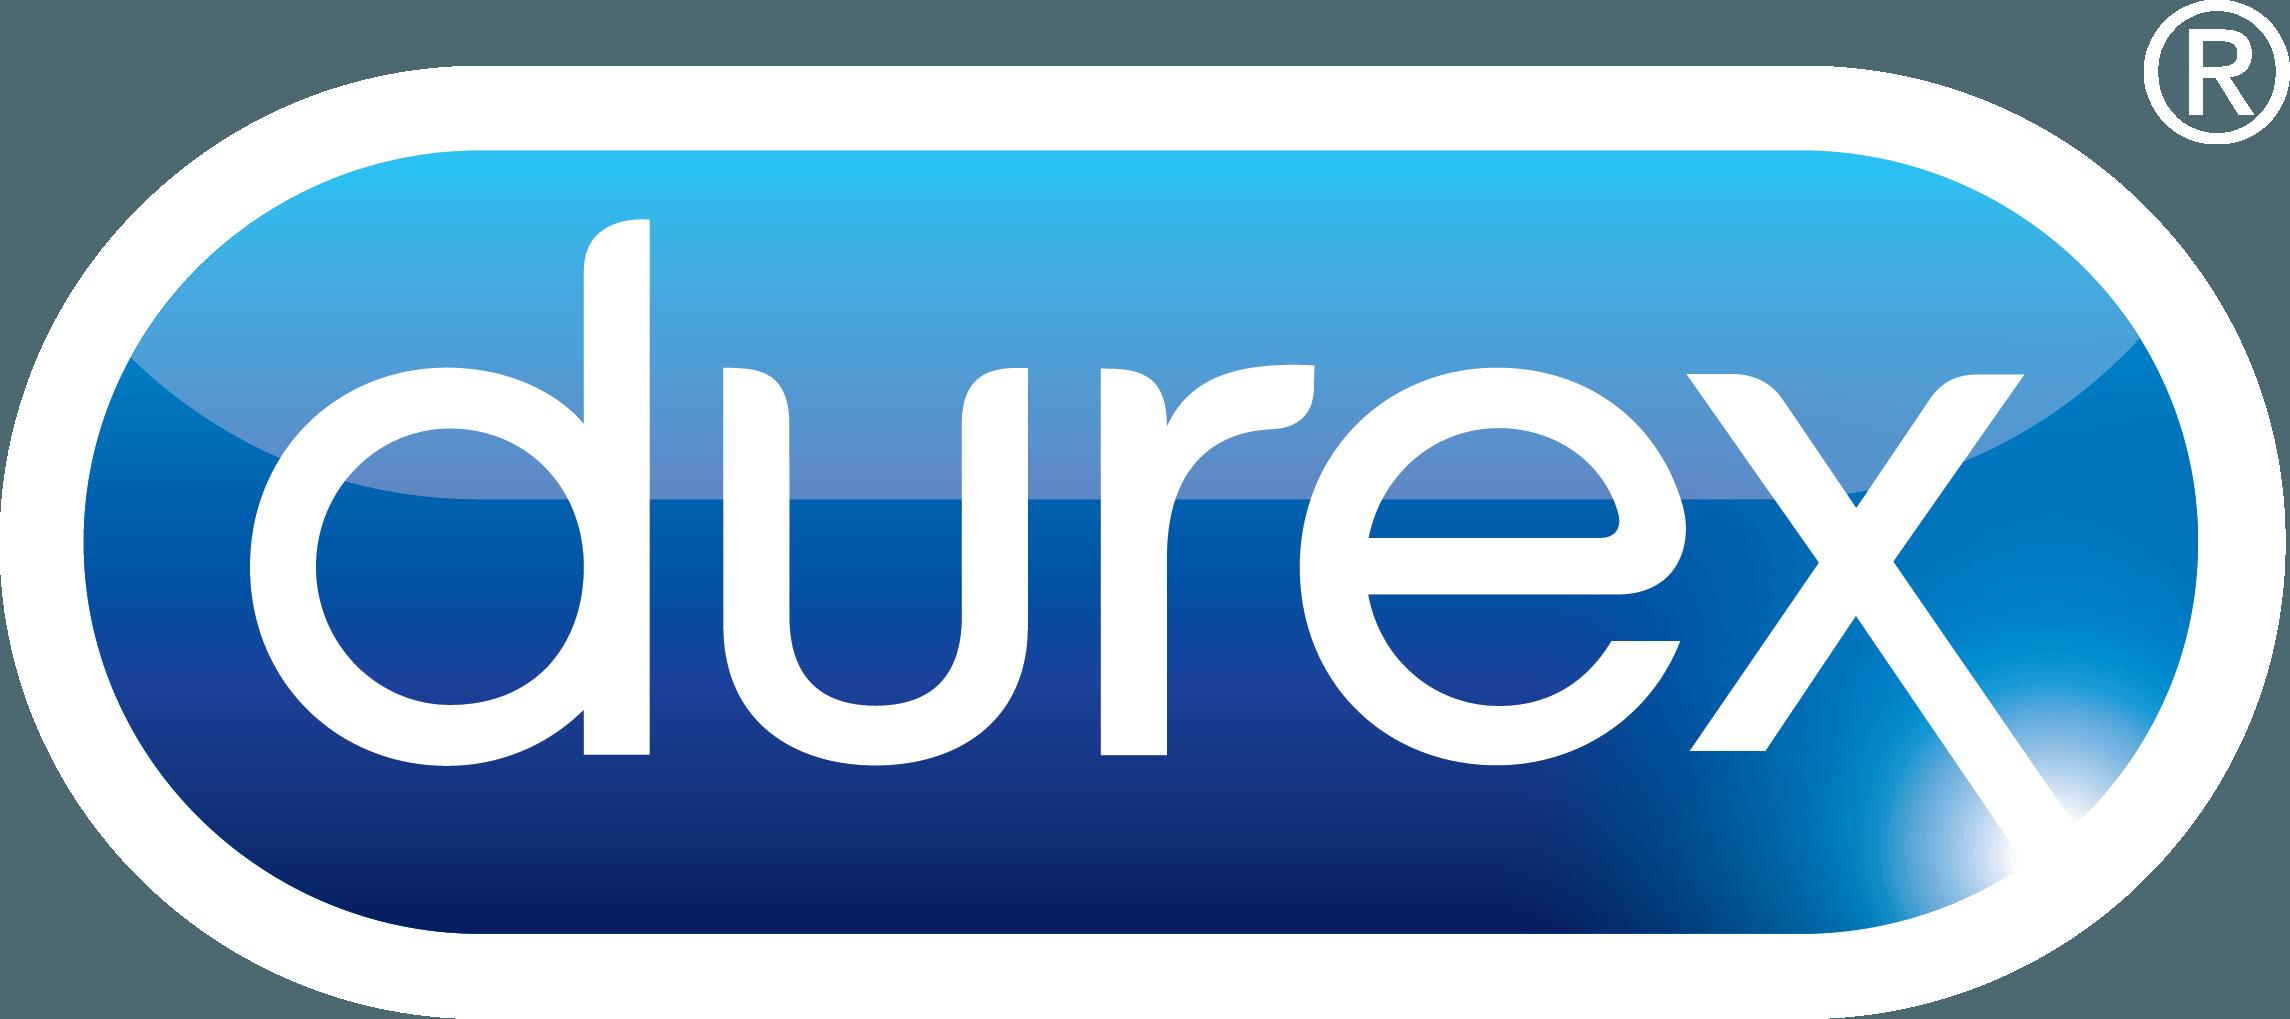 Durex Logo Download Vector.